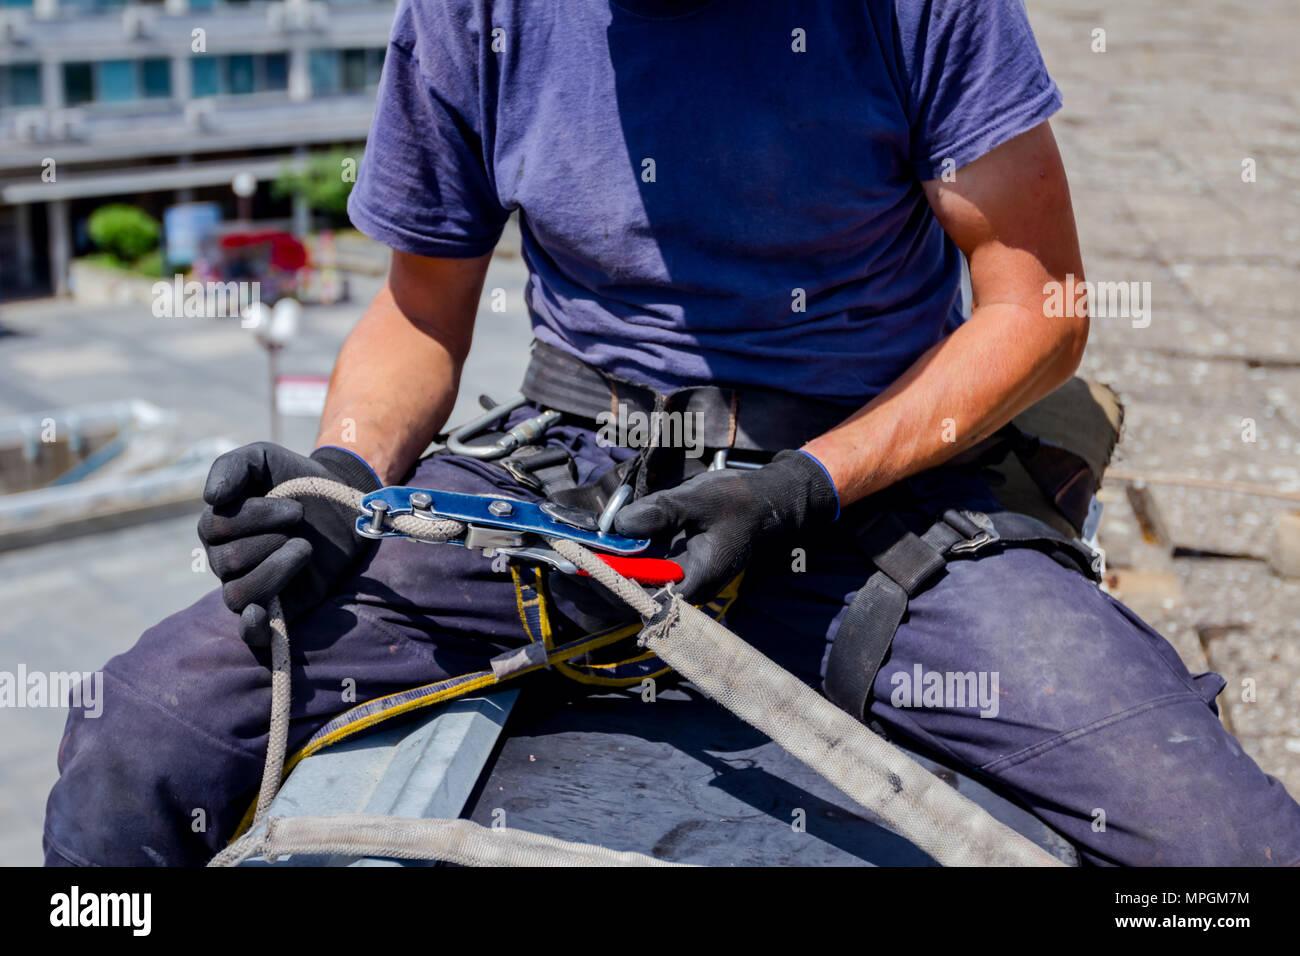 Kletterausrüstung Sicherung : Klettern sicherungsgerät mit rotem seil lizenzfreie fotos bilder